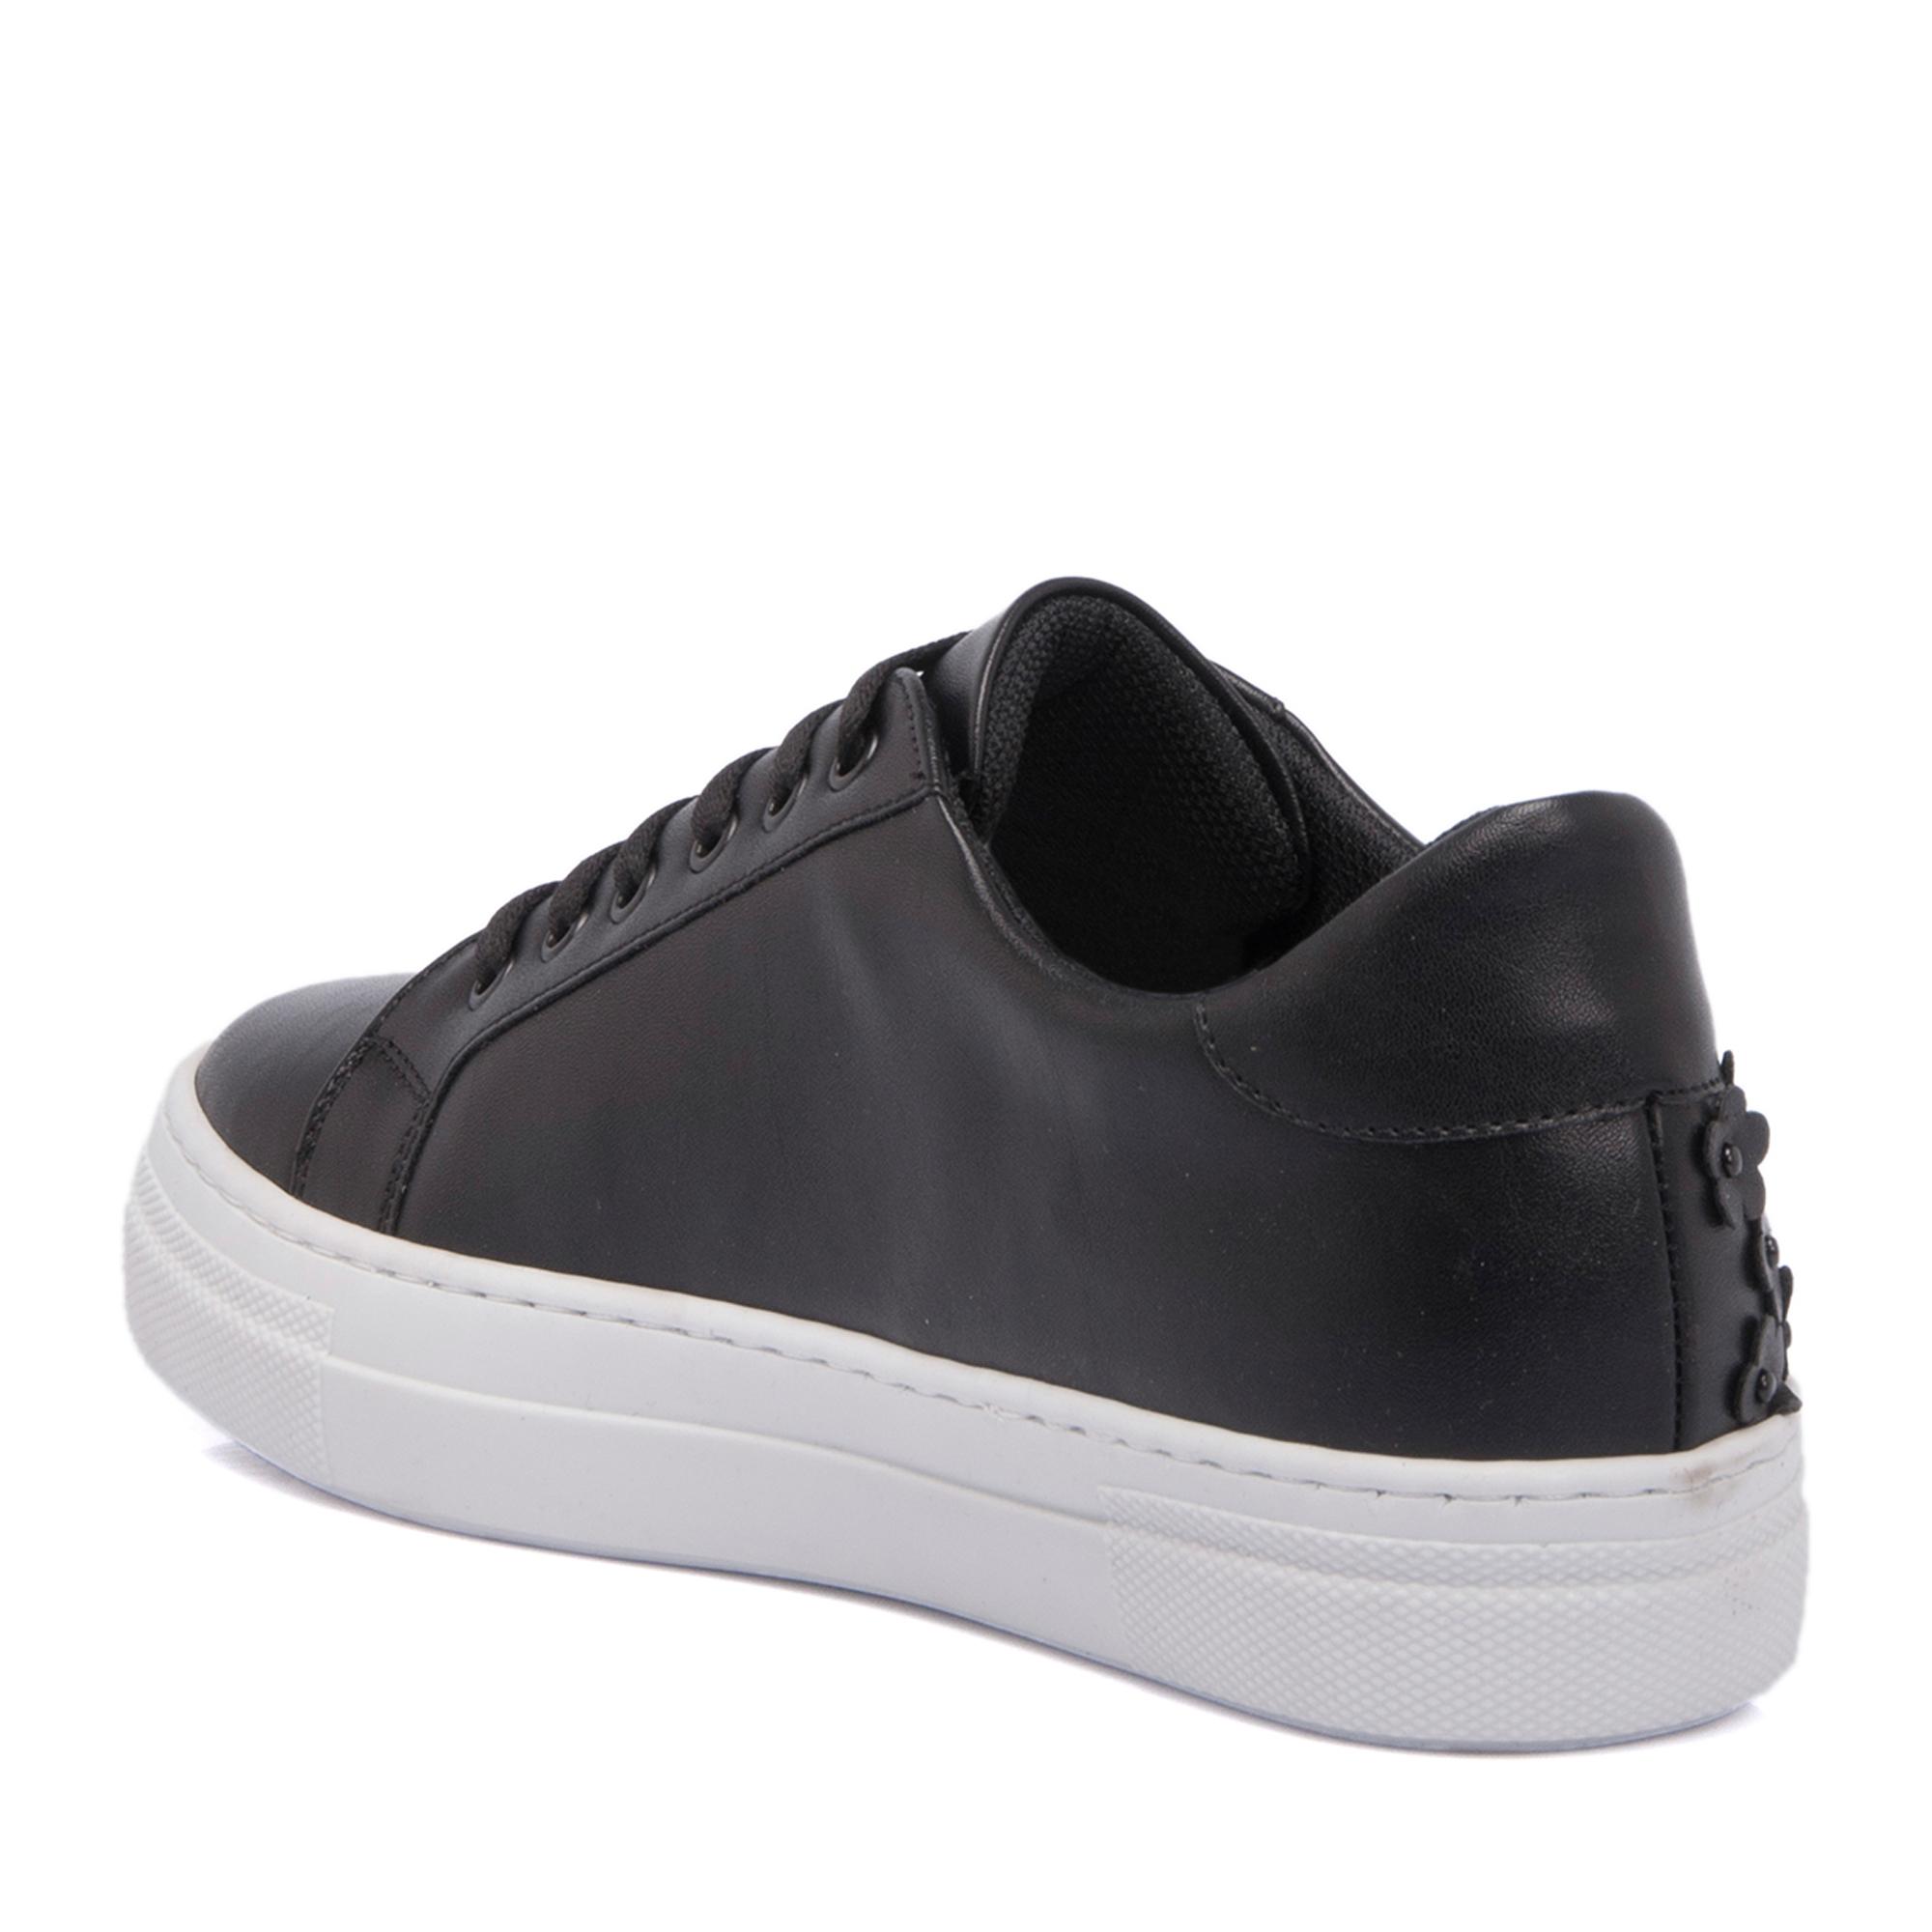 Siyah - Kırmızı Deri Kadın Ayakkabı 64259F1J